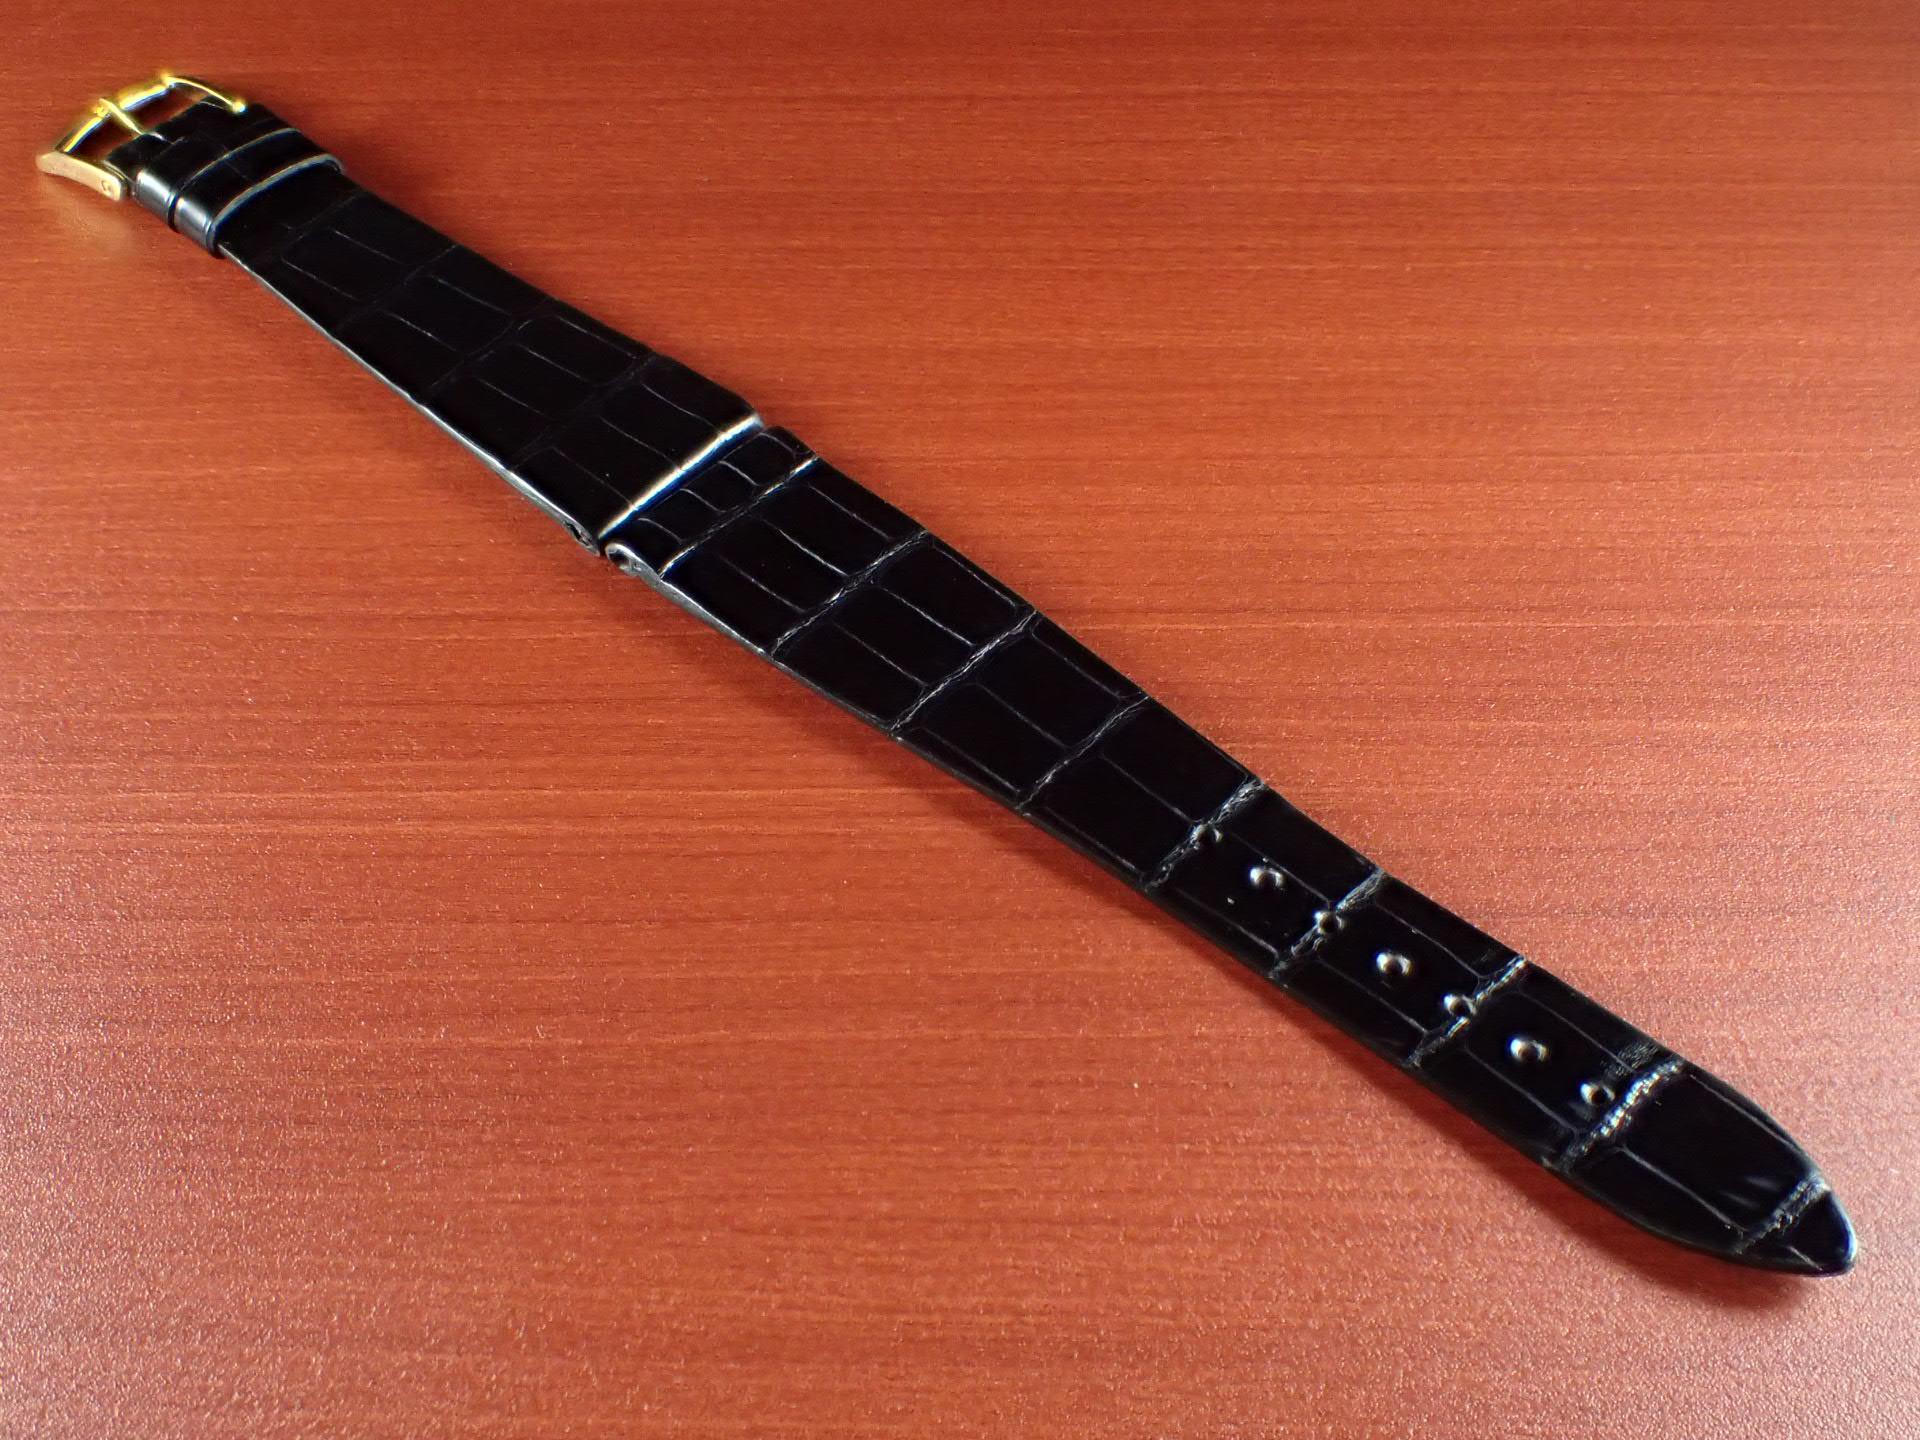 ジャン・クロード ペラン革ベルト(オールドペラン)クロコダイル ブラック 20mmのメイン写真